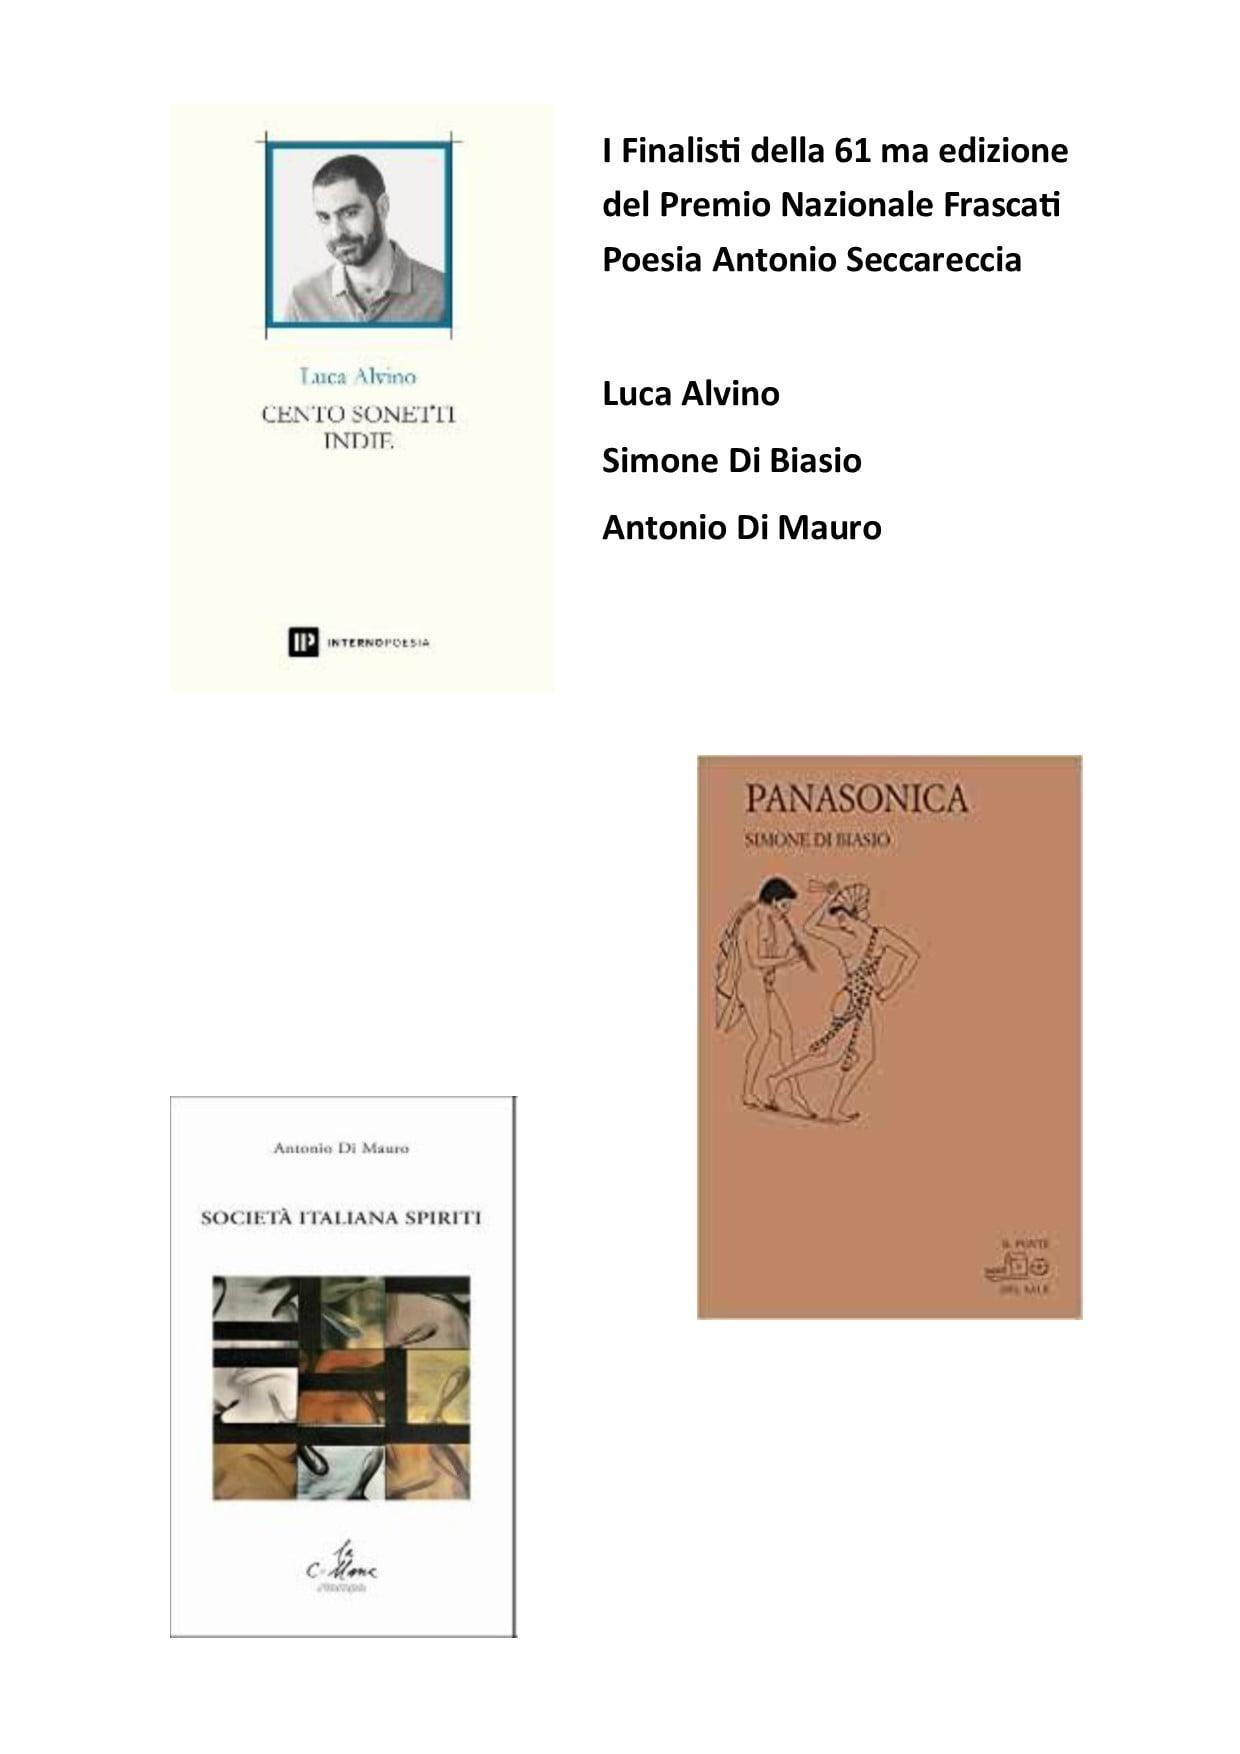 """Frascati, annunciati i finalisti del """"Premio Nazionale Frascati Poesia Antonio Seccareccia 2021"""""""